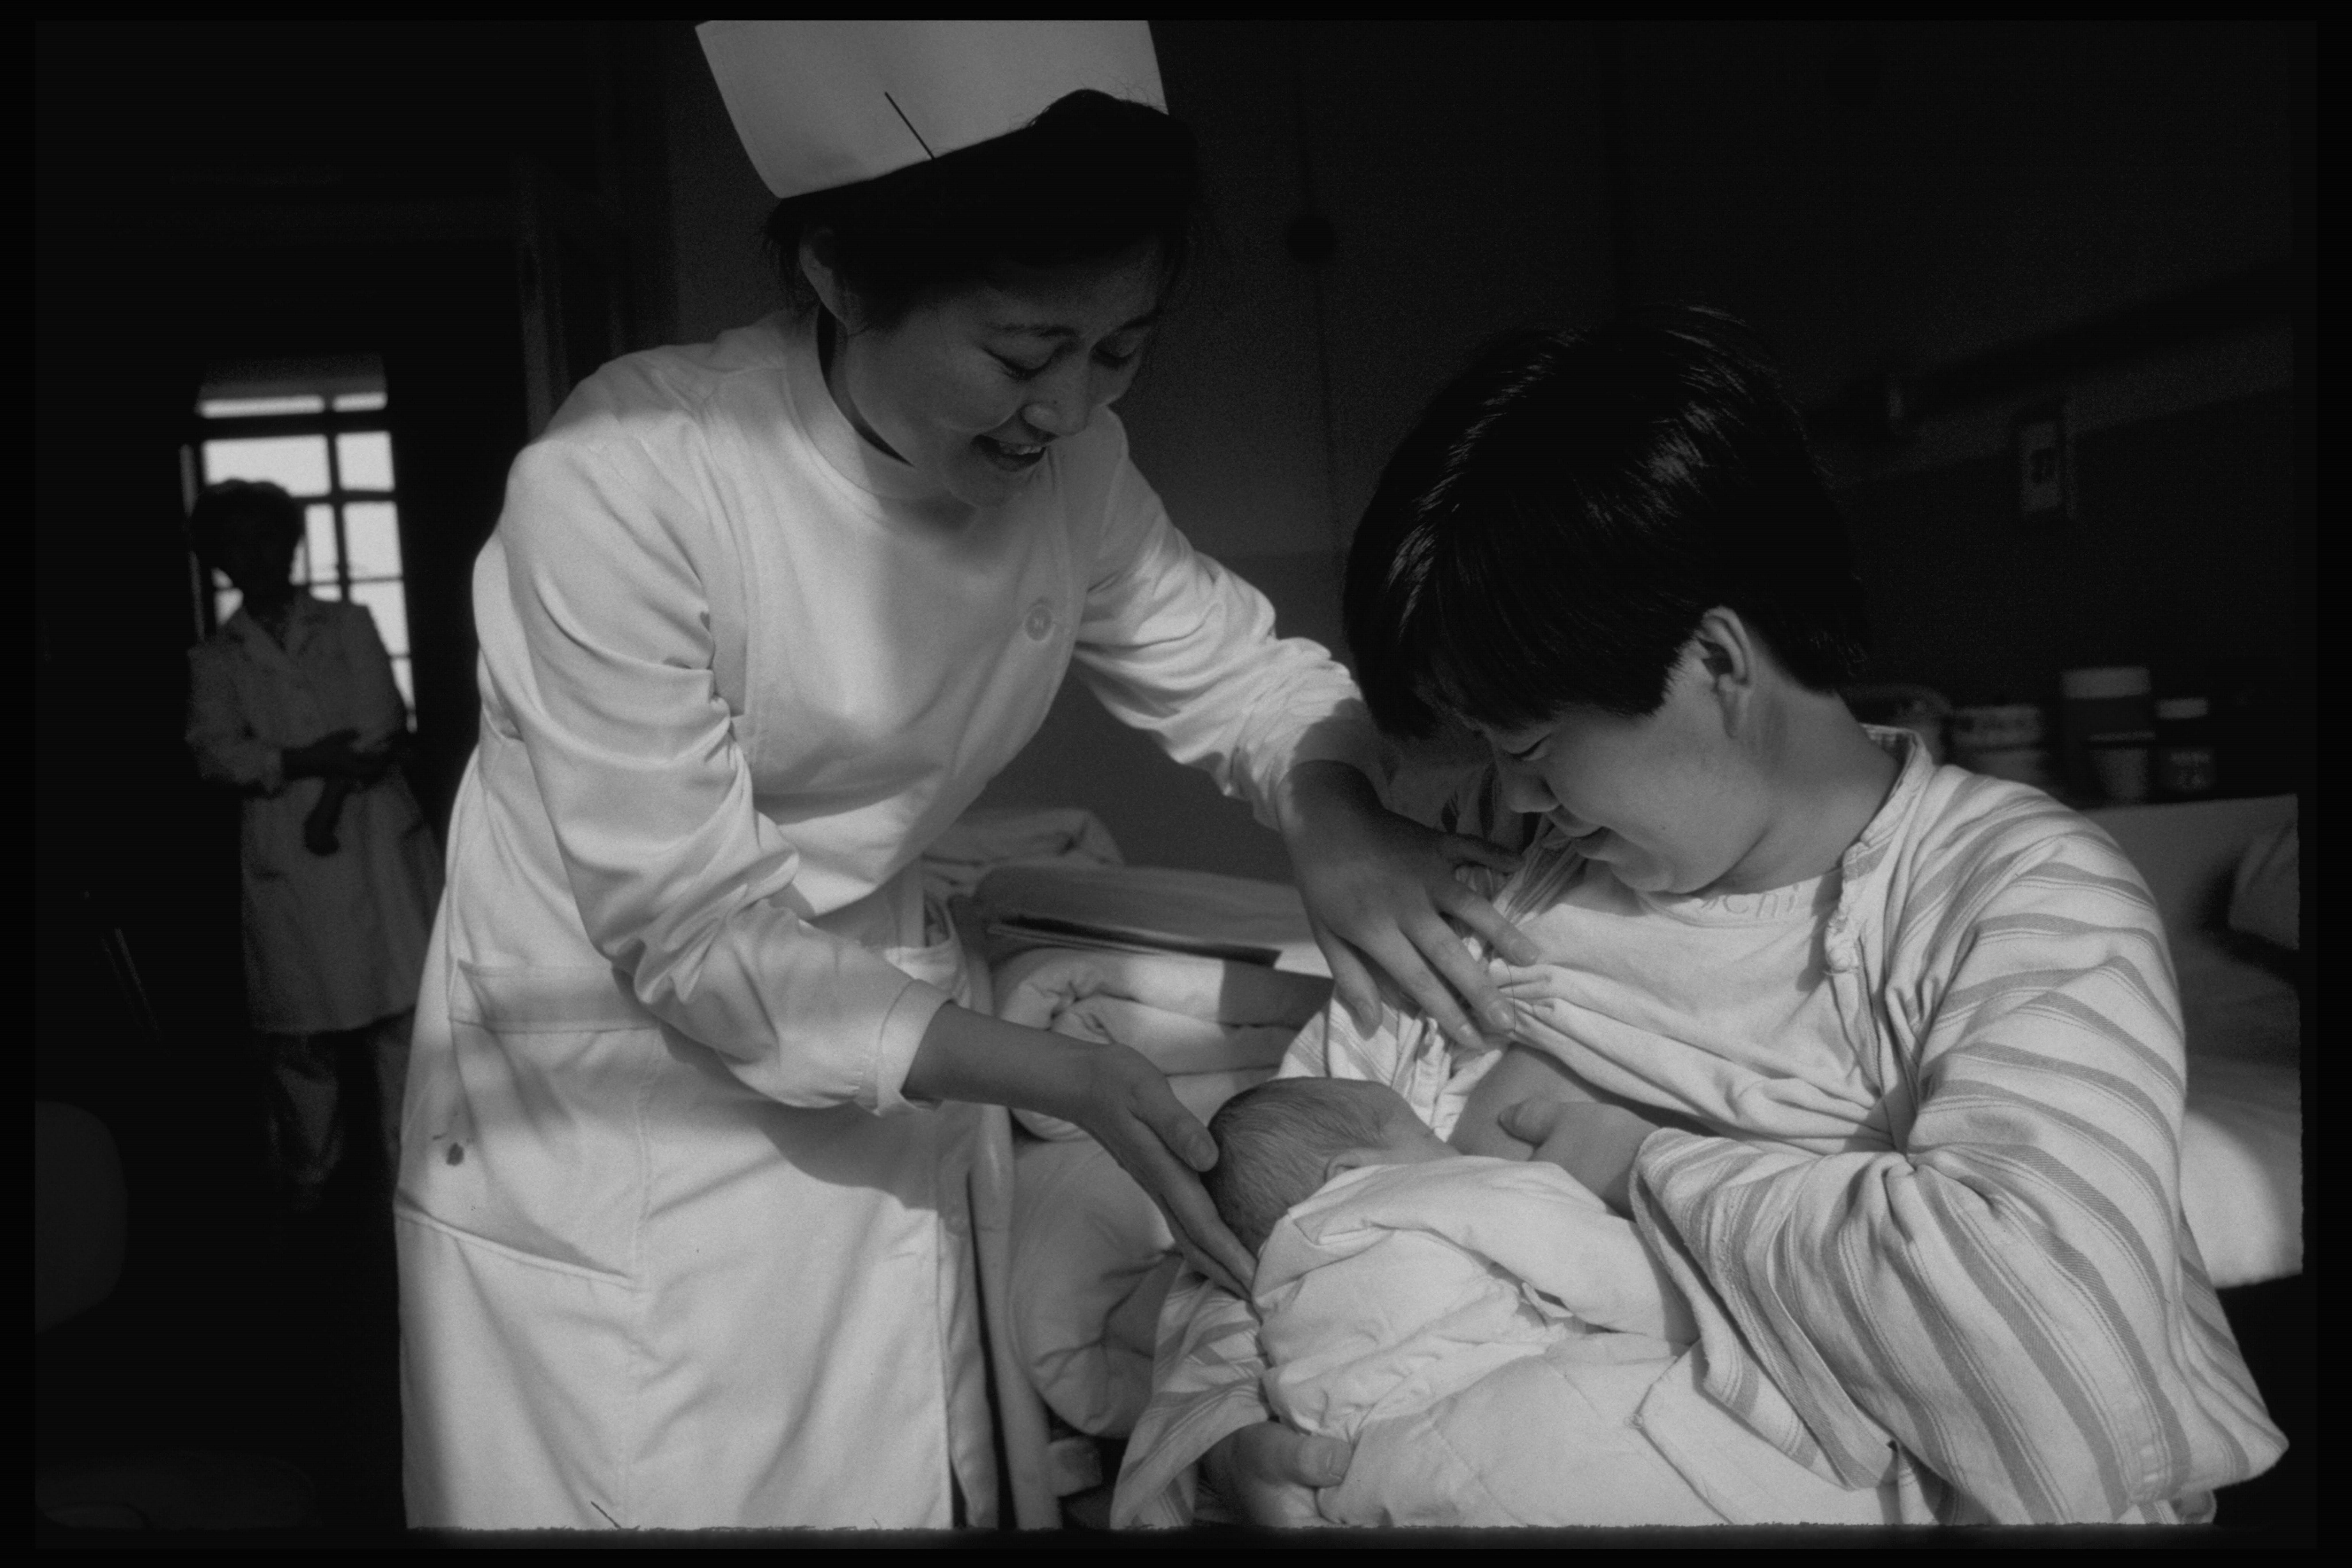 1995, Cina: una mamma viene supportata da un'operatrice per l'allattamento al seno, uno dei pilastri per la salute materno-infantile sostenuti dall'UNICEF